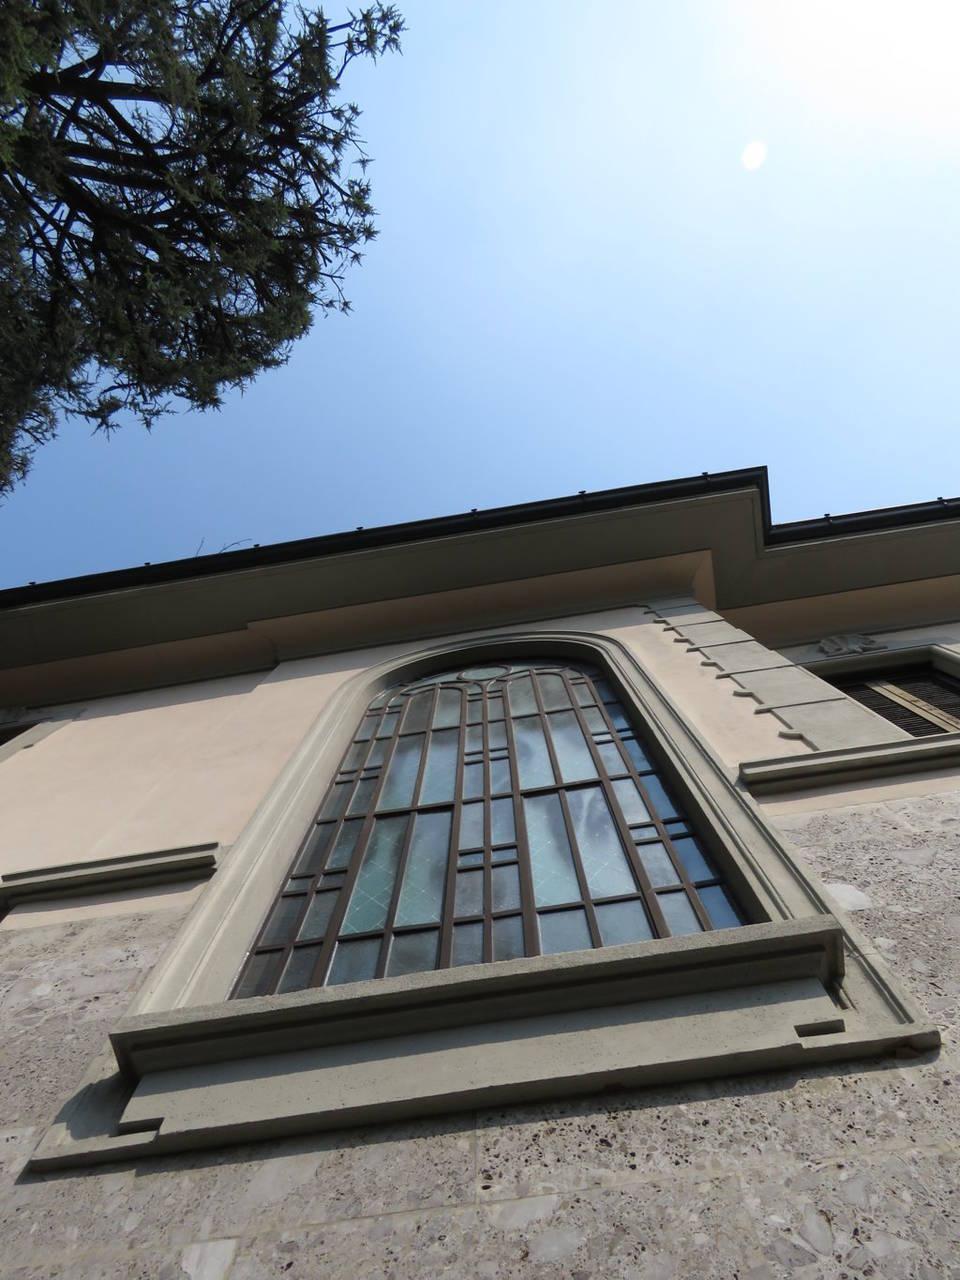 Villa-Epoca-di-pregio-in-vendita-a-Monza-21